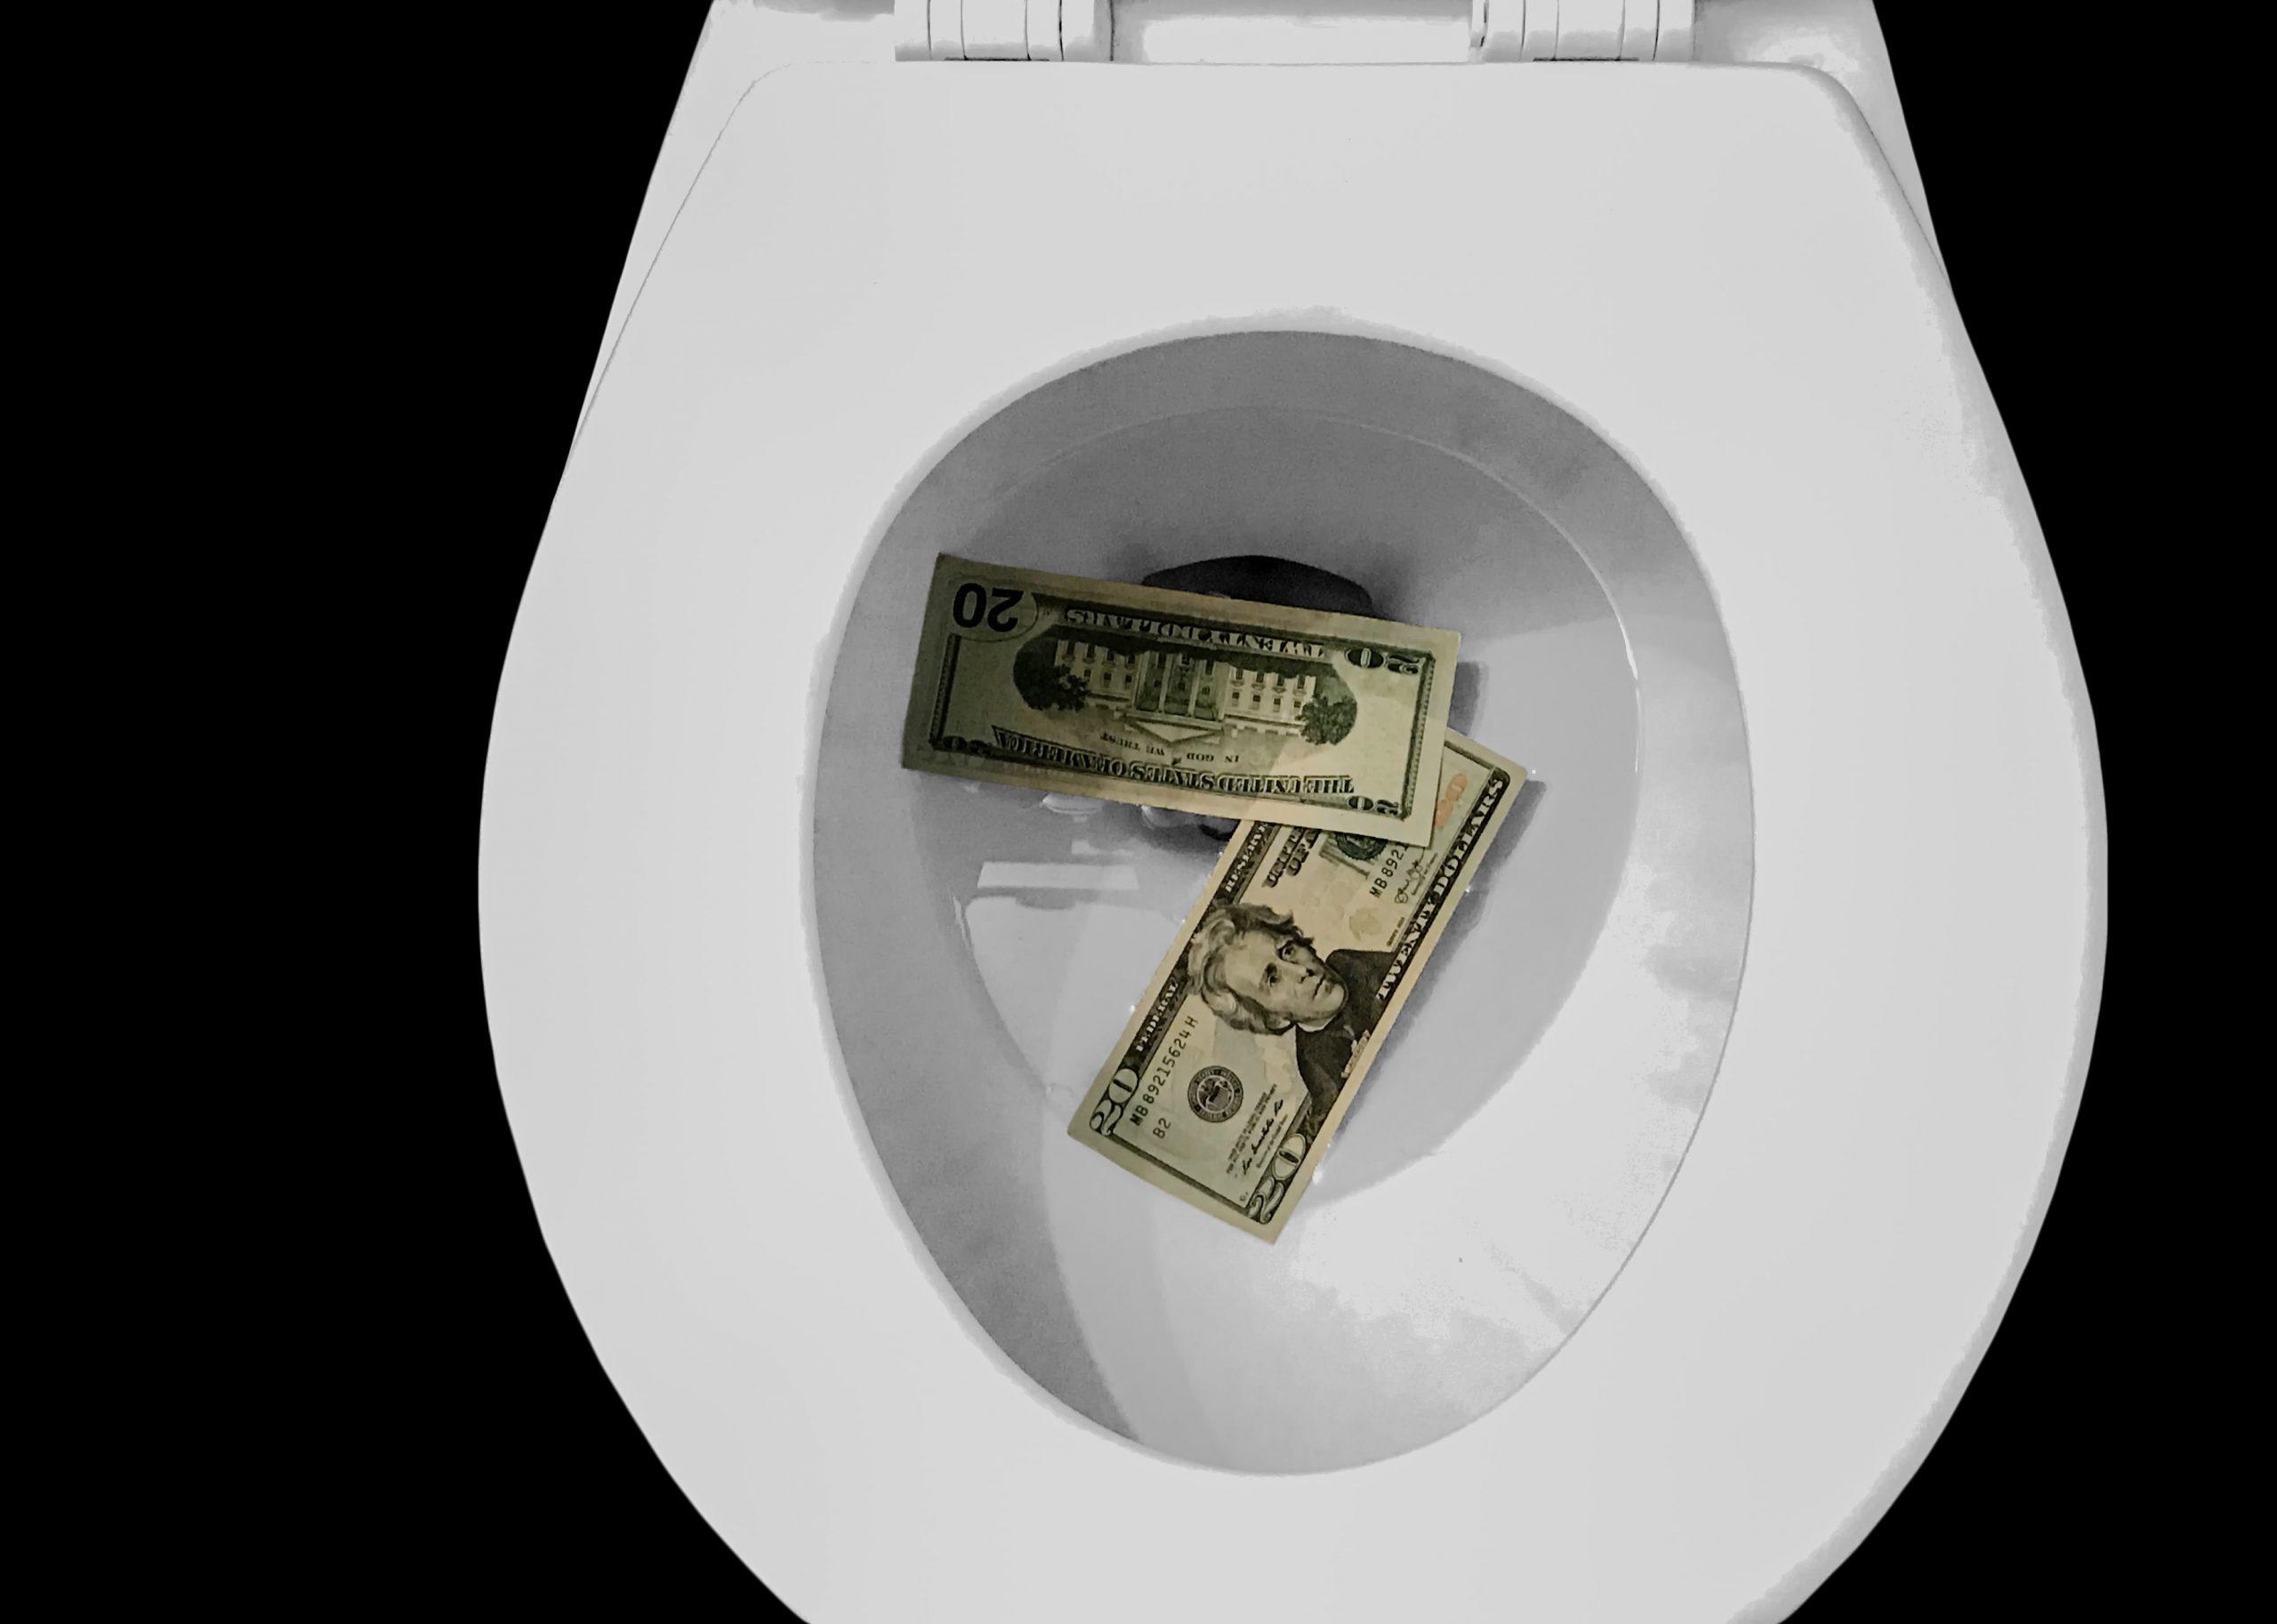 leaky toilet water waste